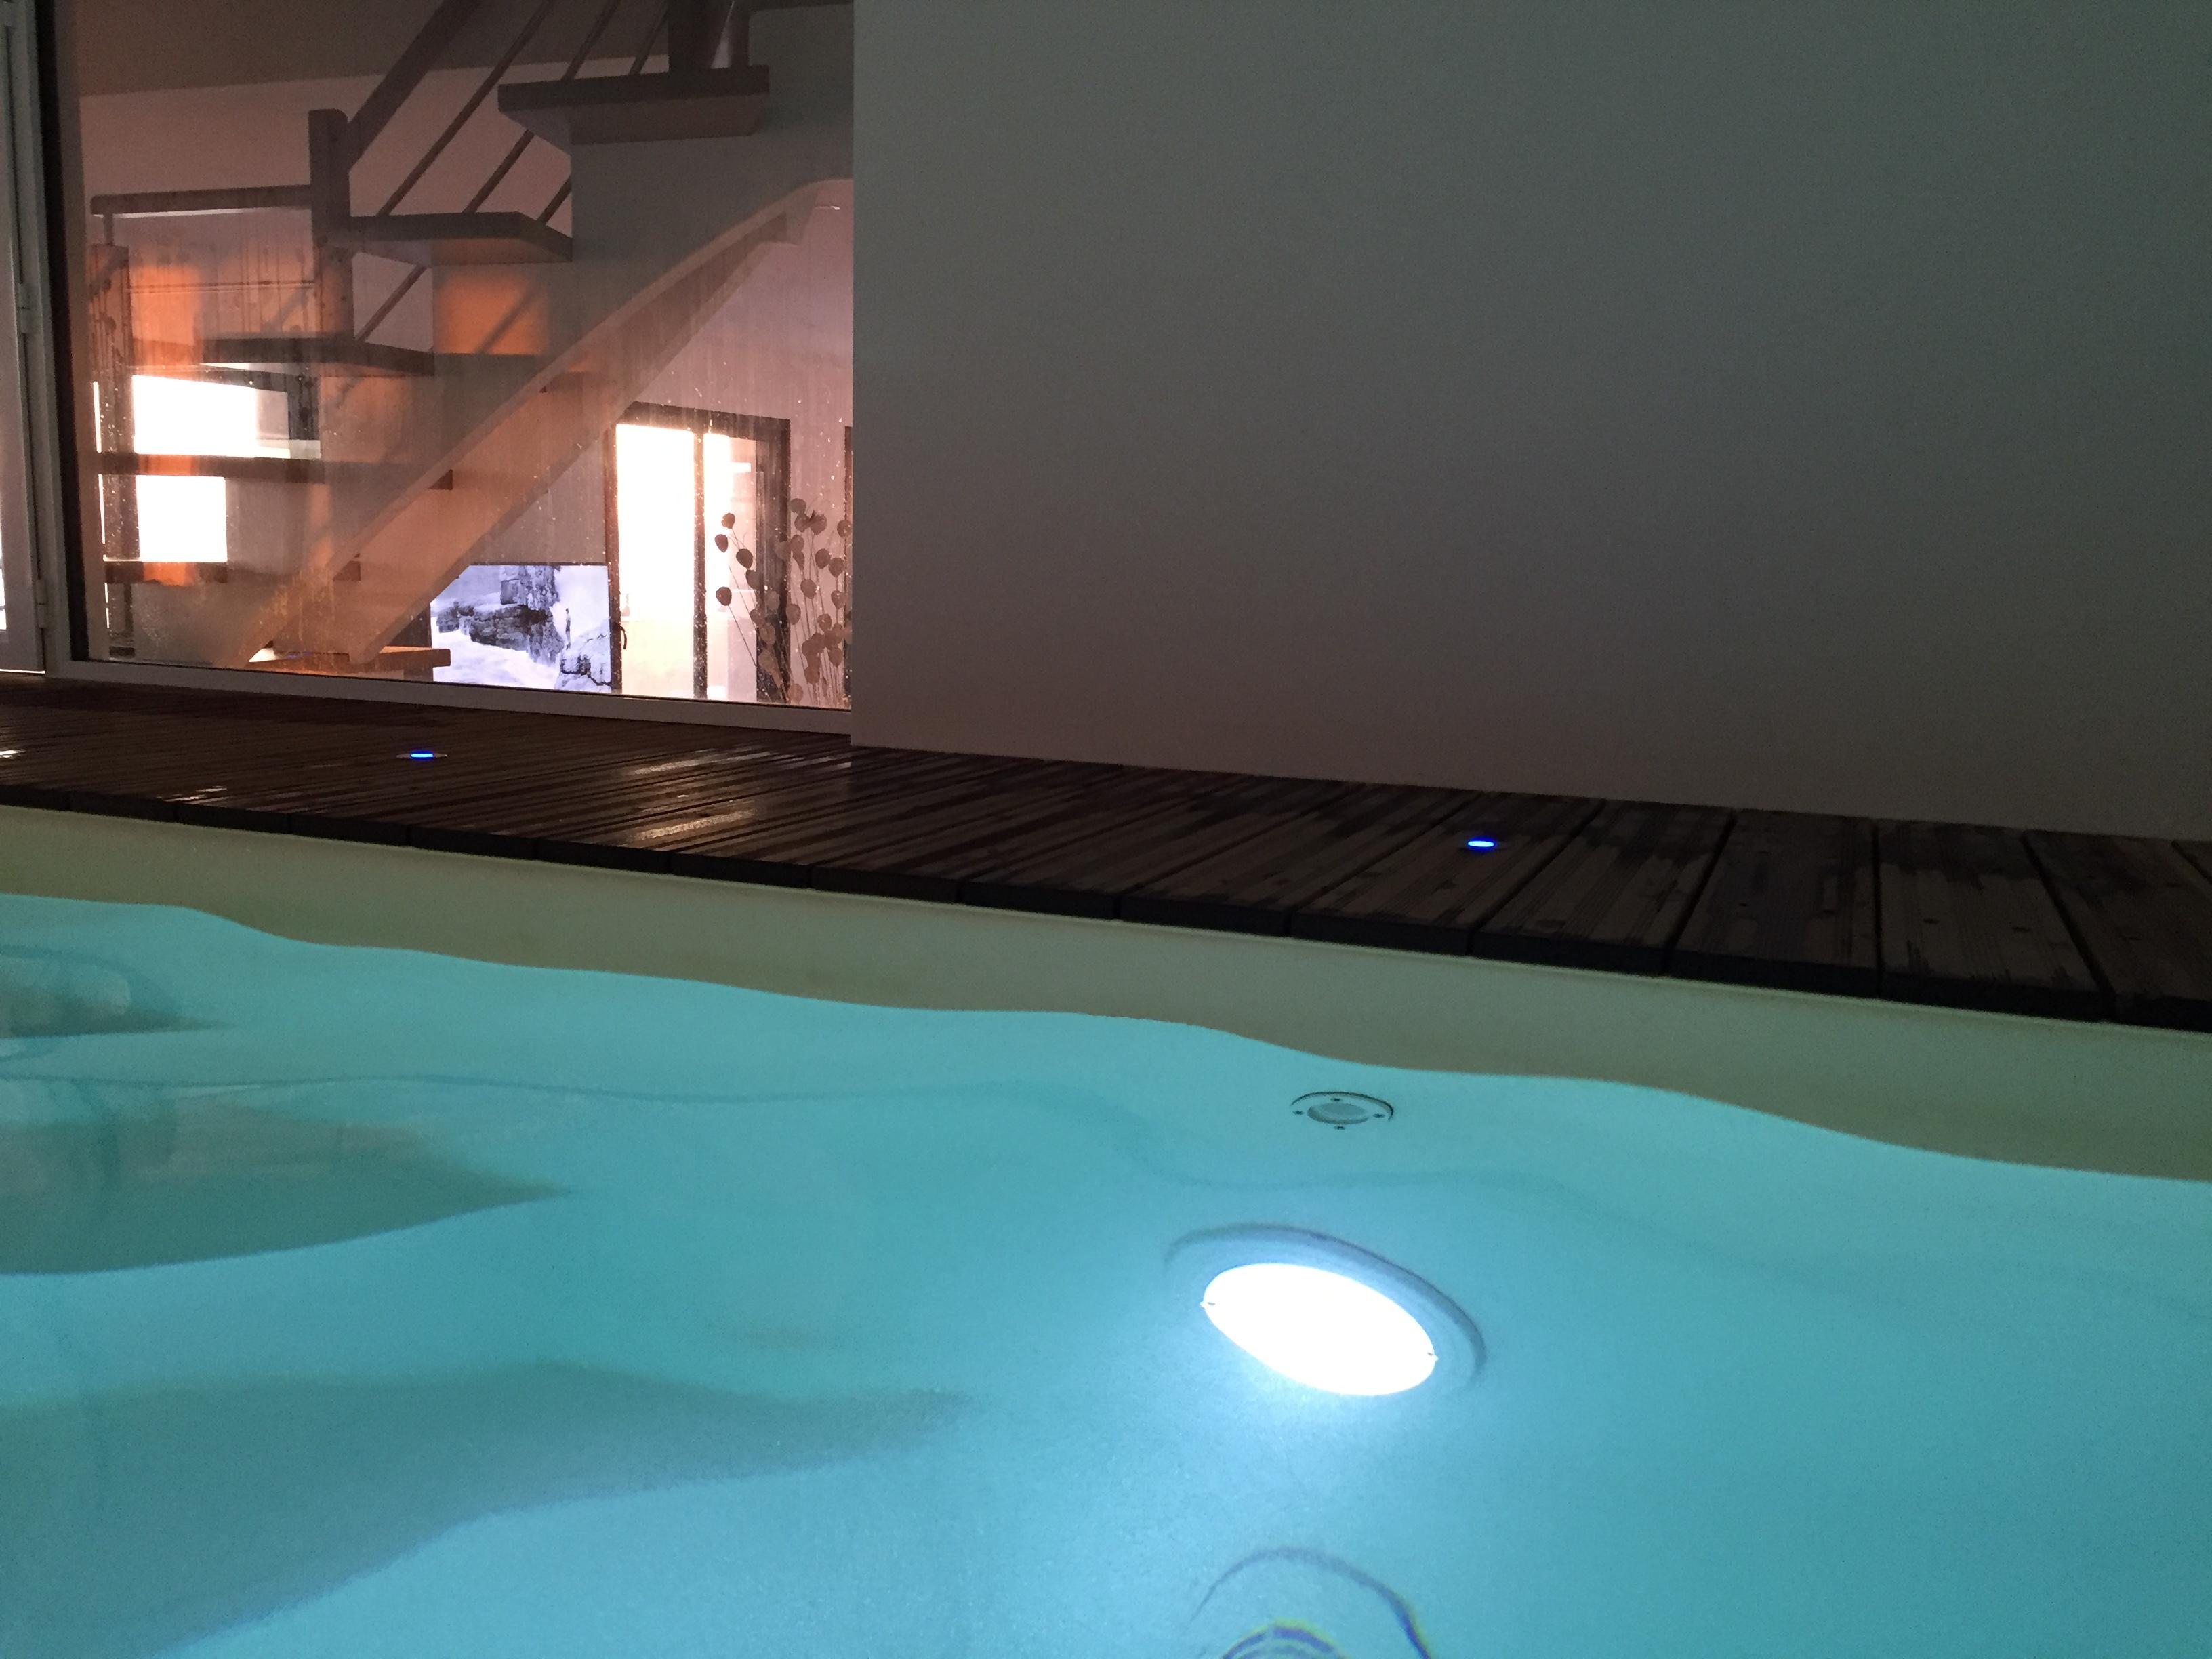 Location de vacances avec piscine int rieure et spa for Piscine et spa